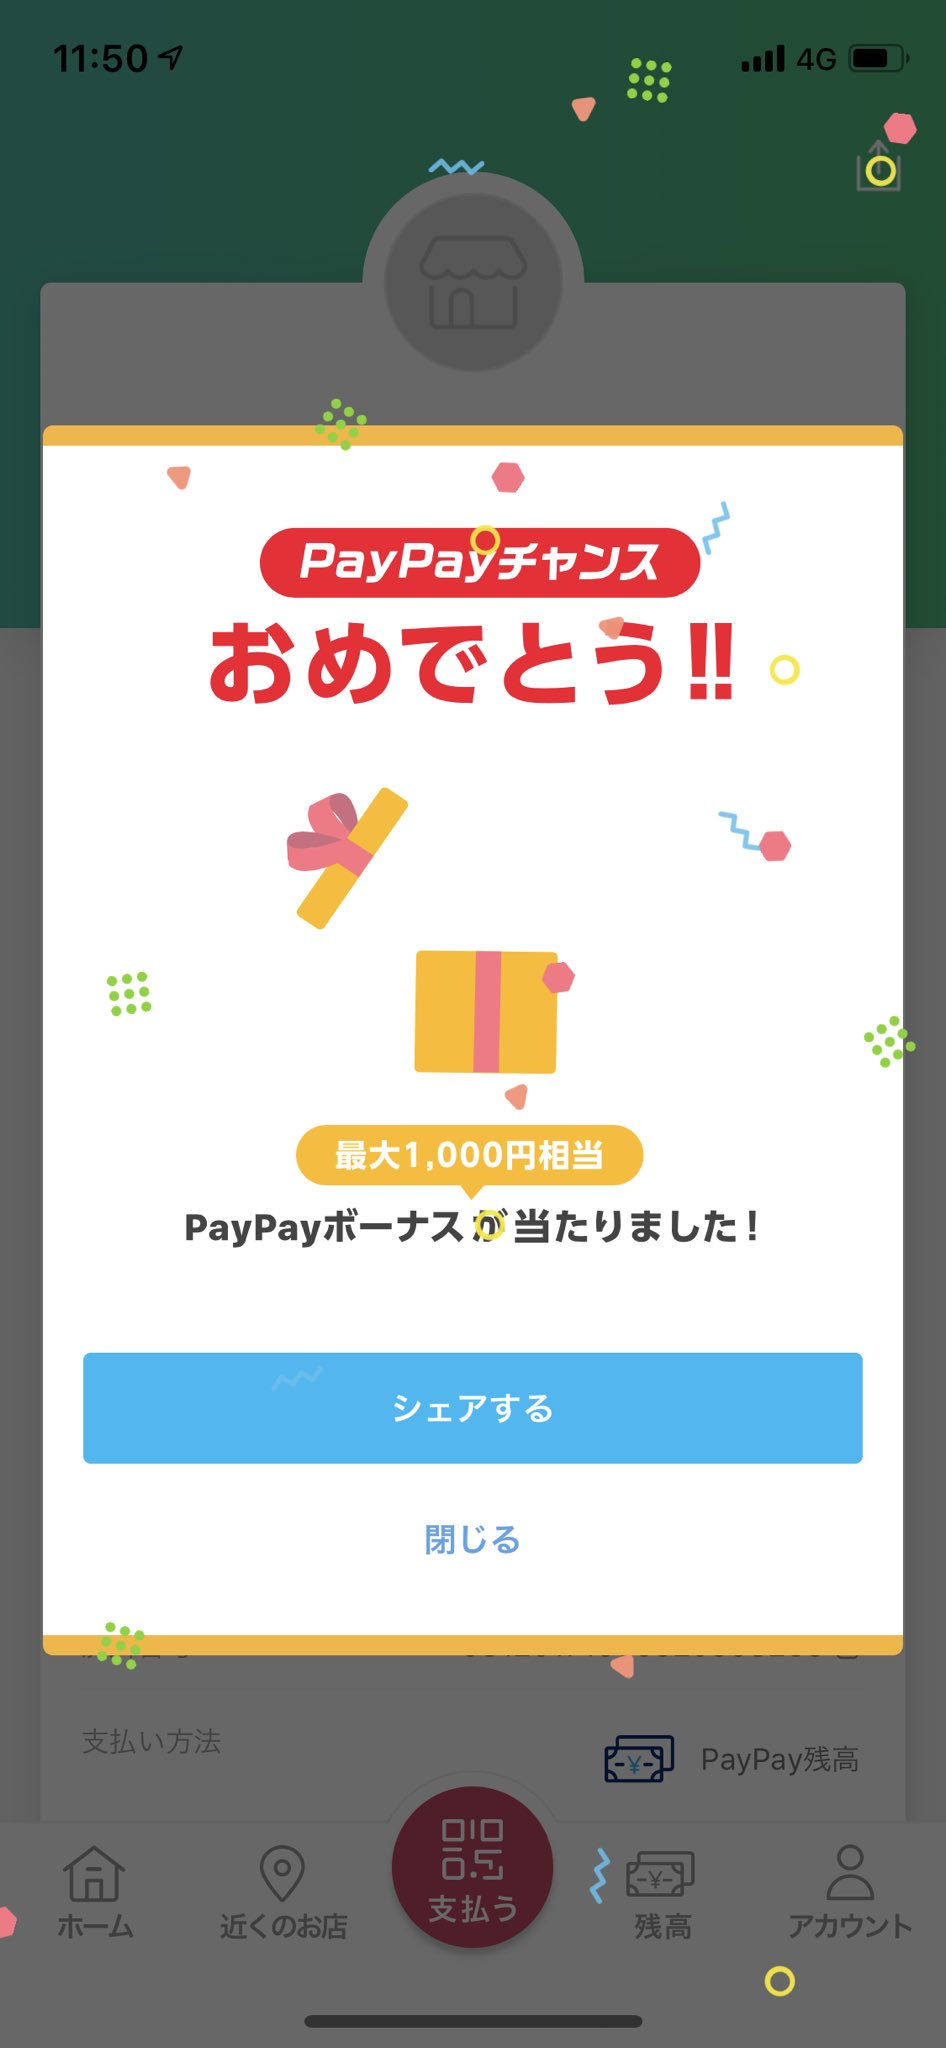 全額バック当たった(∩´∀`)∩ 1000円が上限だけど #paypay  #ペイペイ https://t.co/C2iWRxOiWa